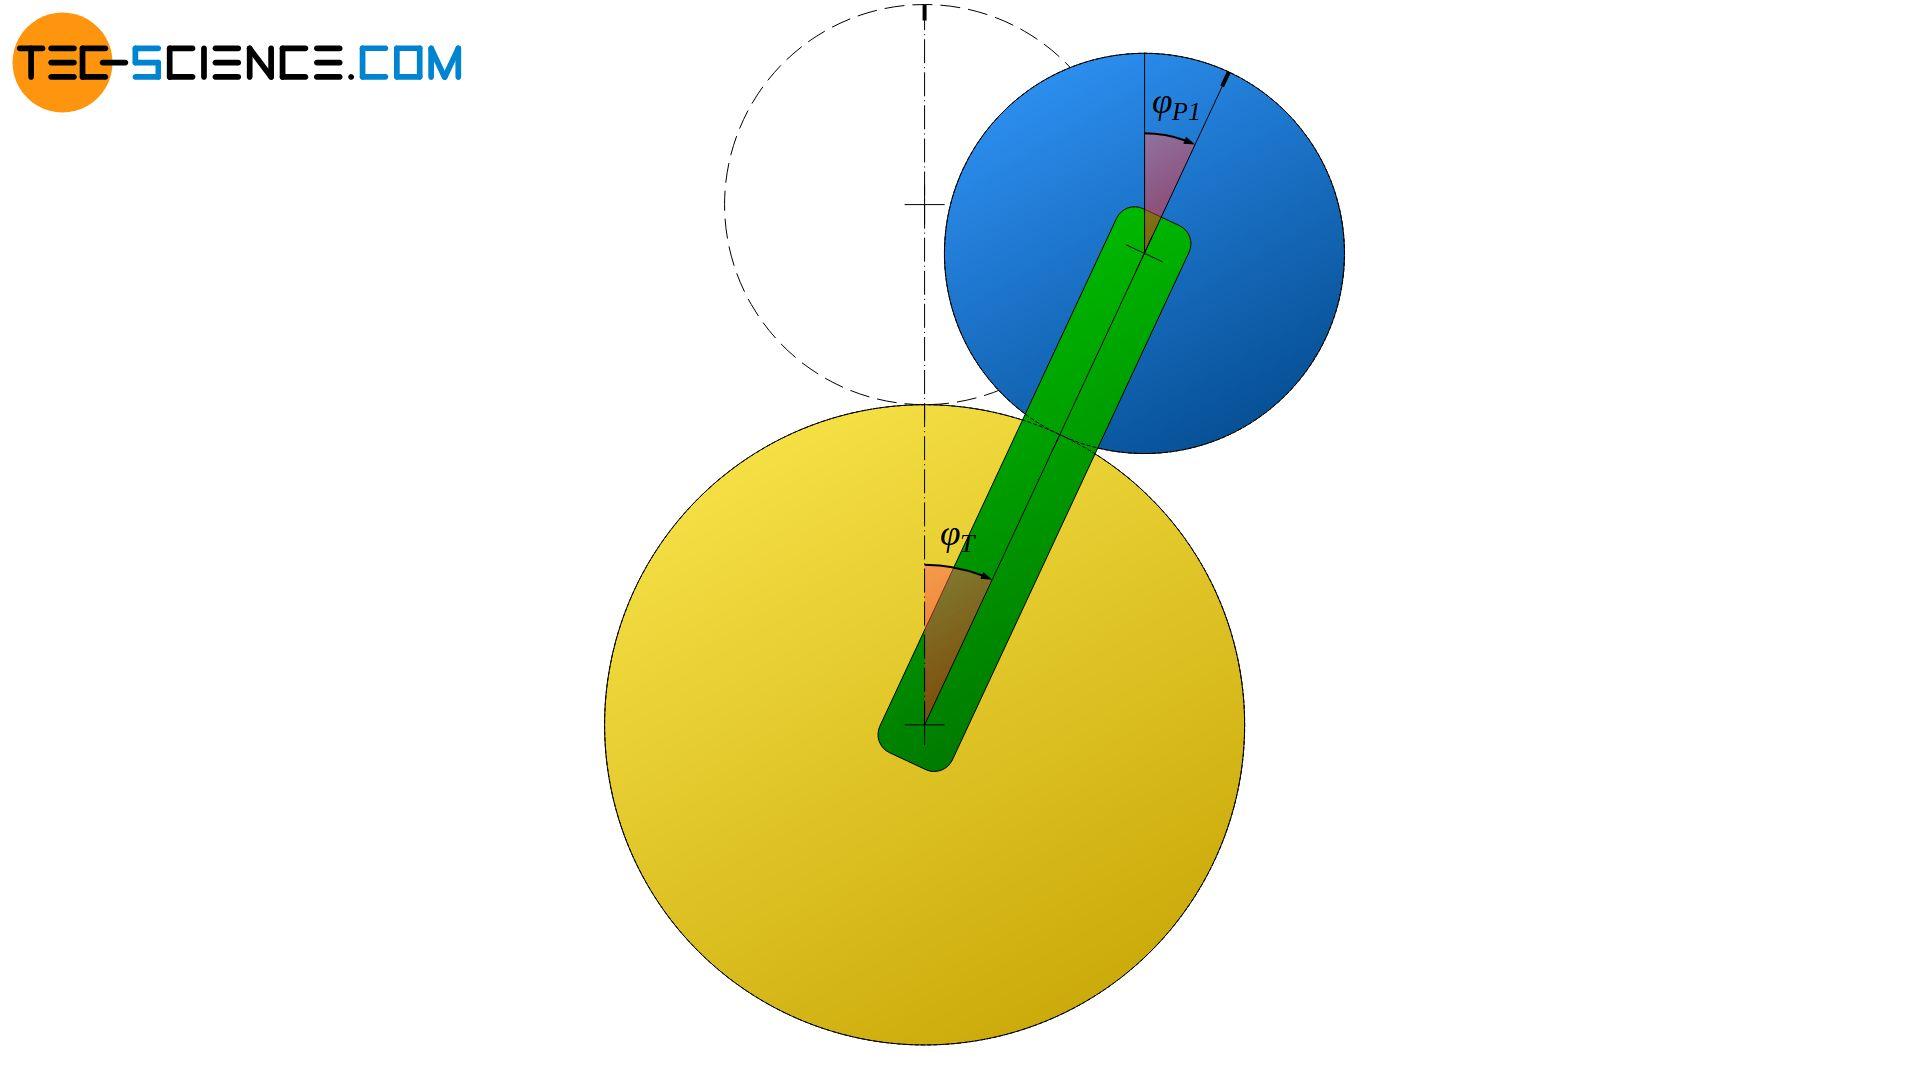 Rotation des Planetenradschwerpunktes um das Sonnenrad